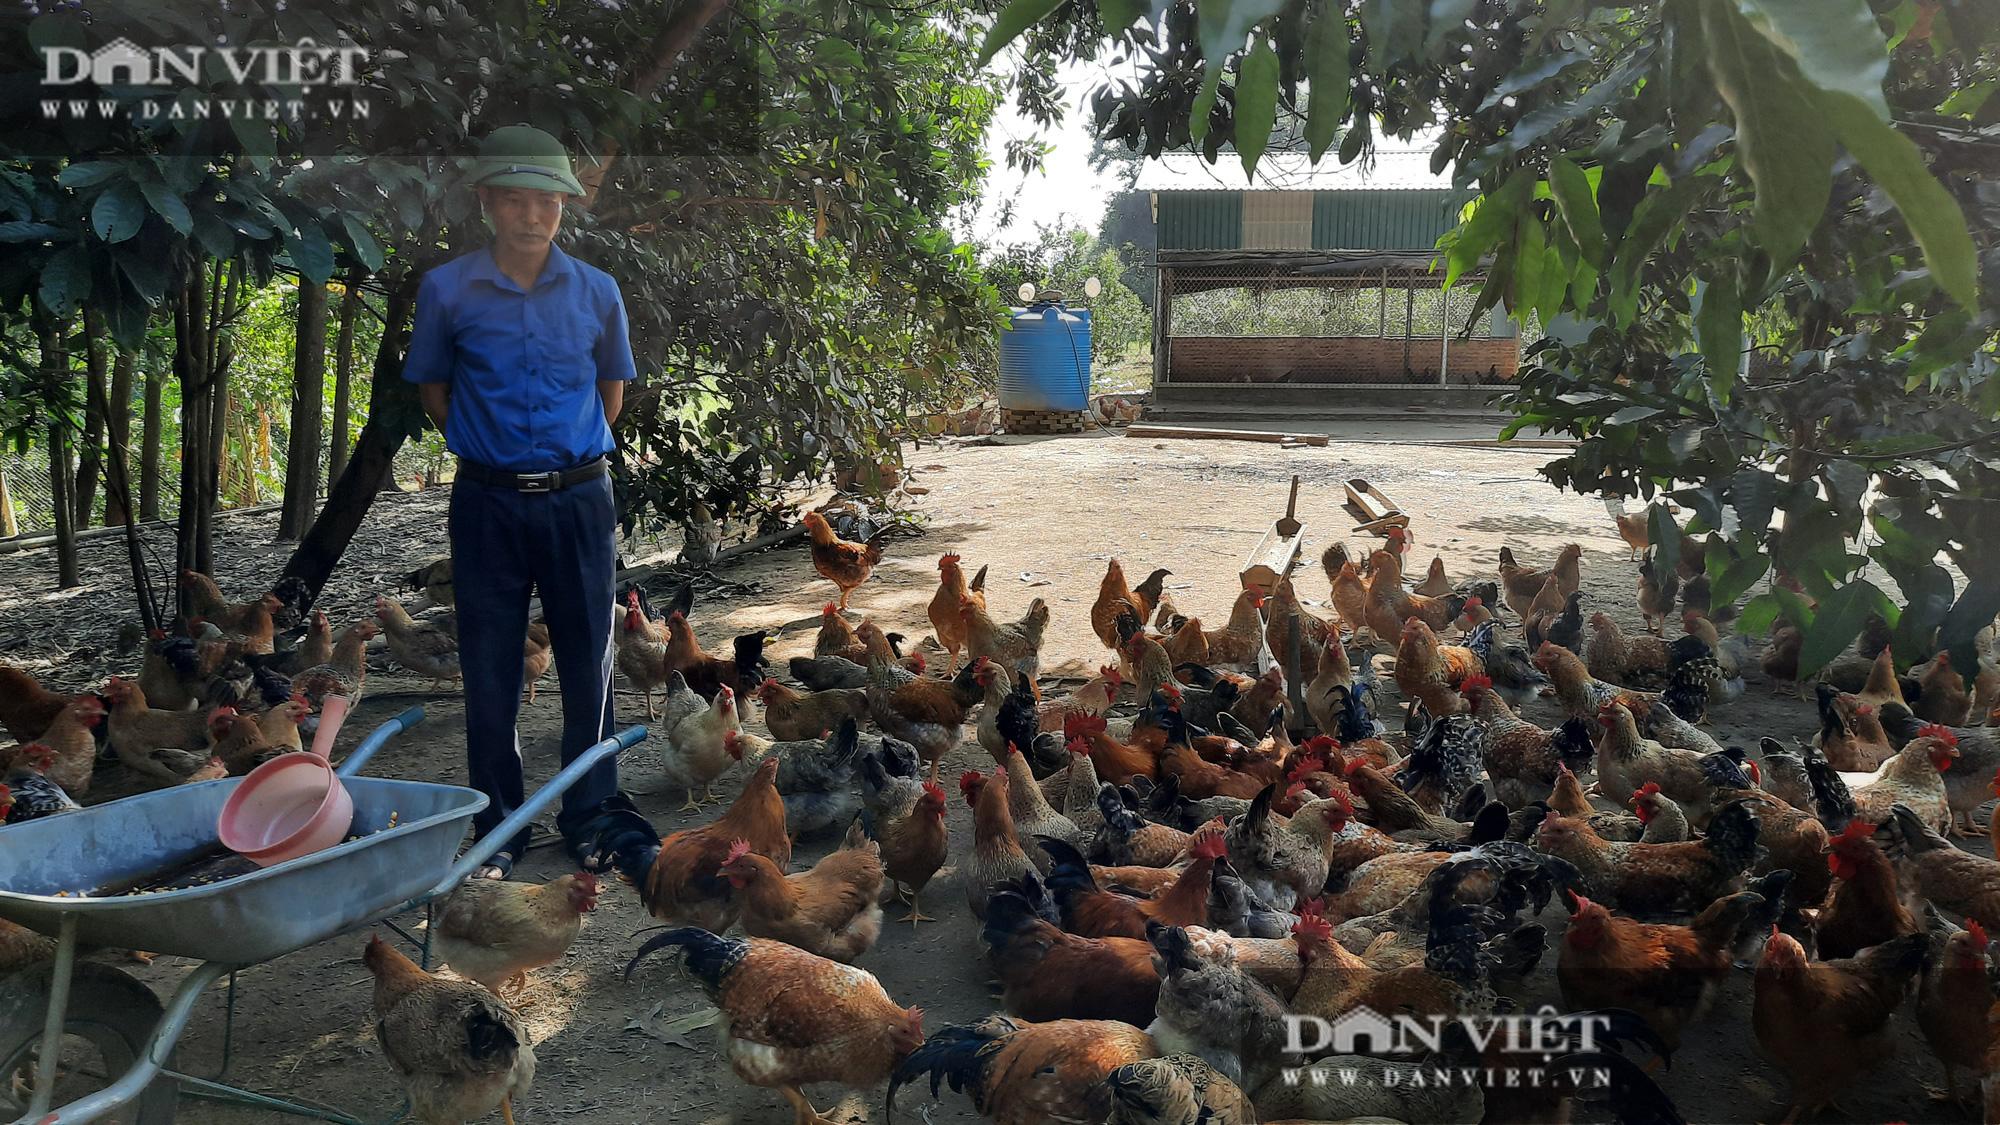 Nuôi gà tiêu chuẩn VietGap, lão nông cho thu nhập hàng trăm triệu mỗi năm - Ảnh 1.